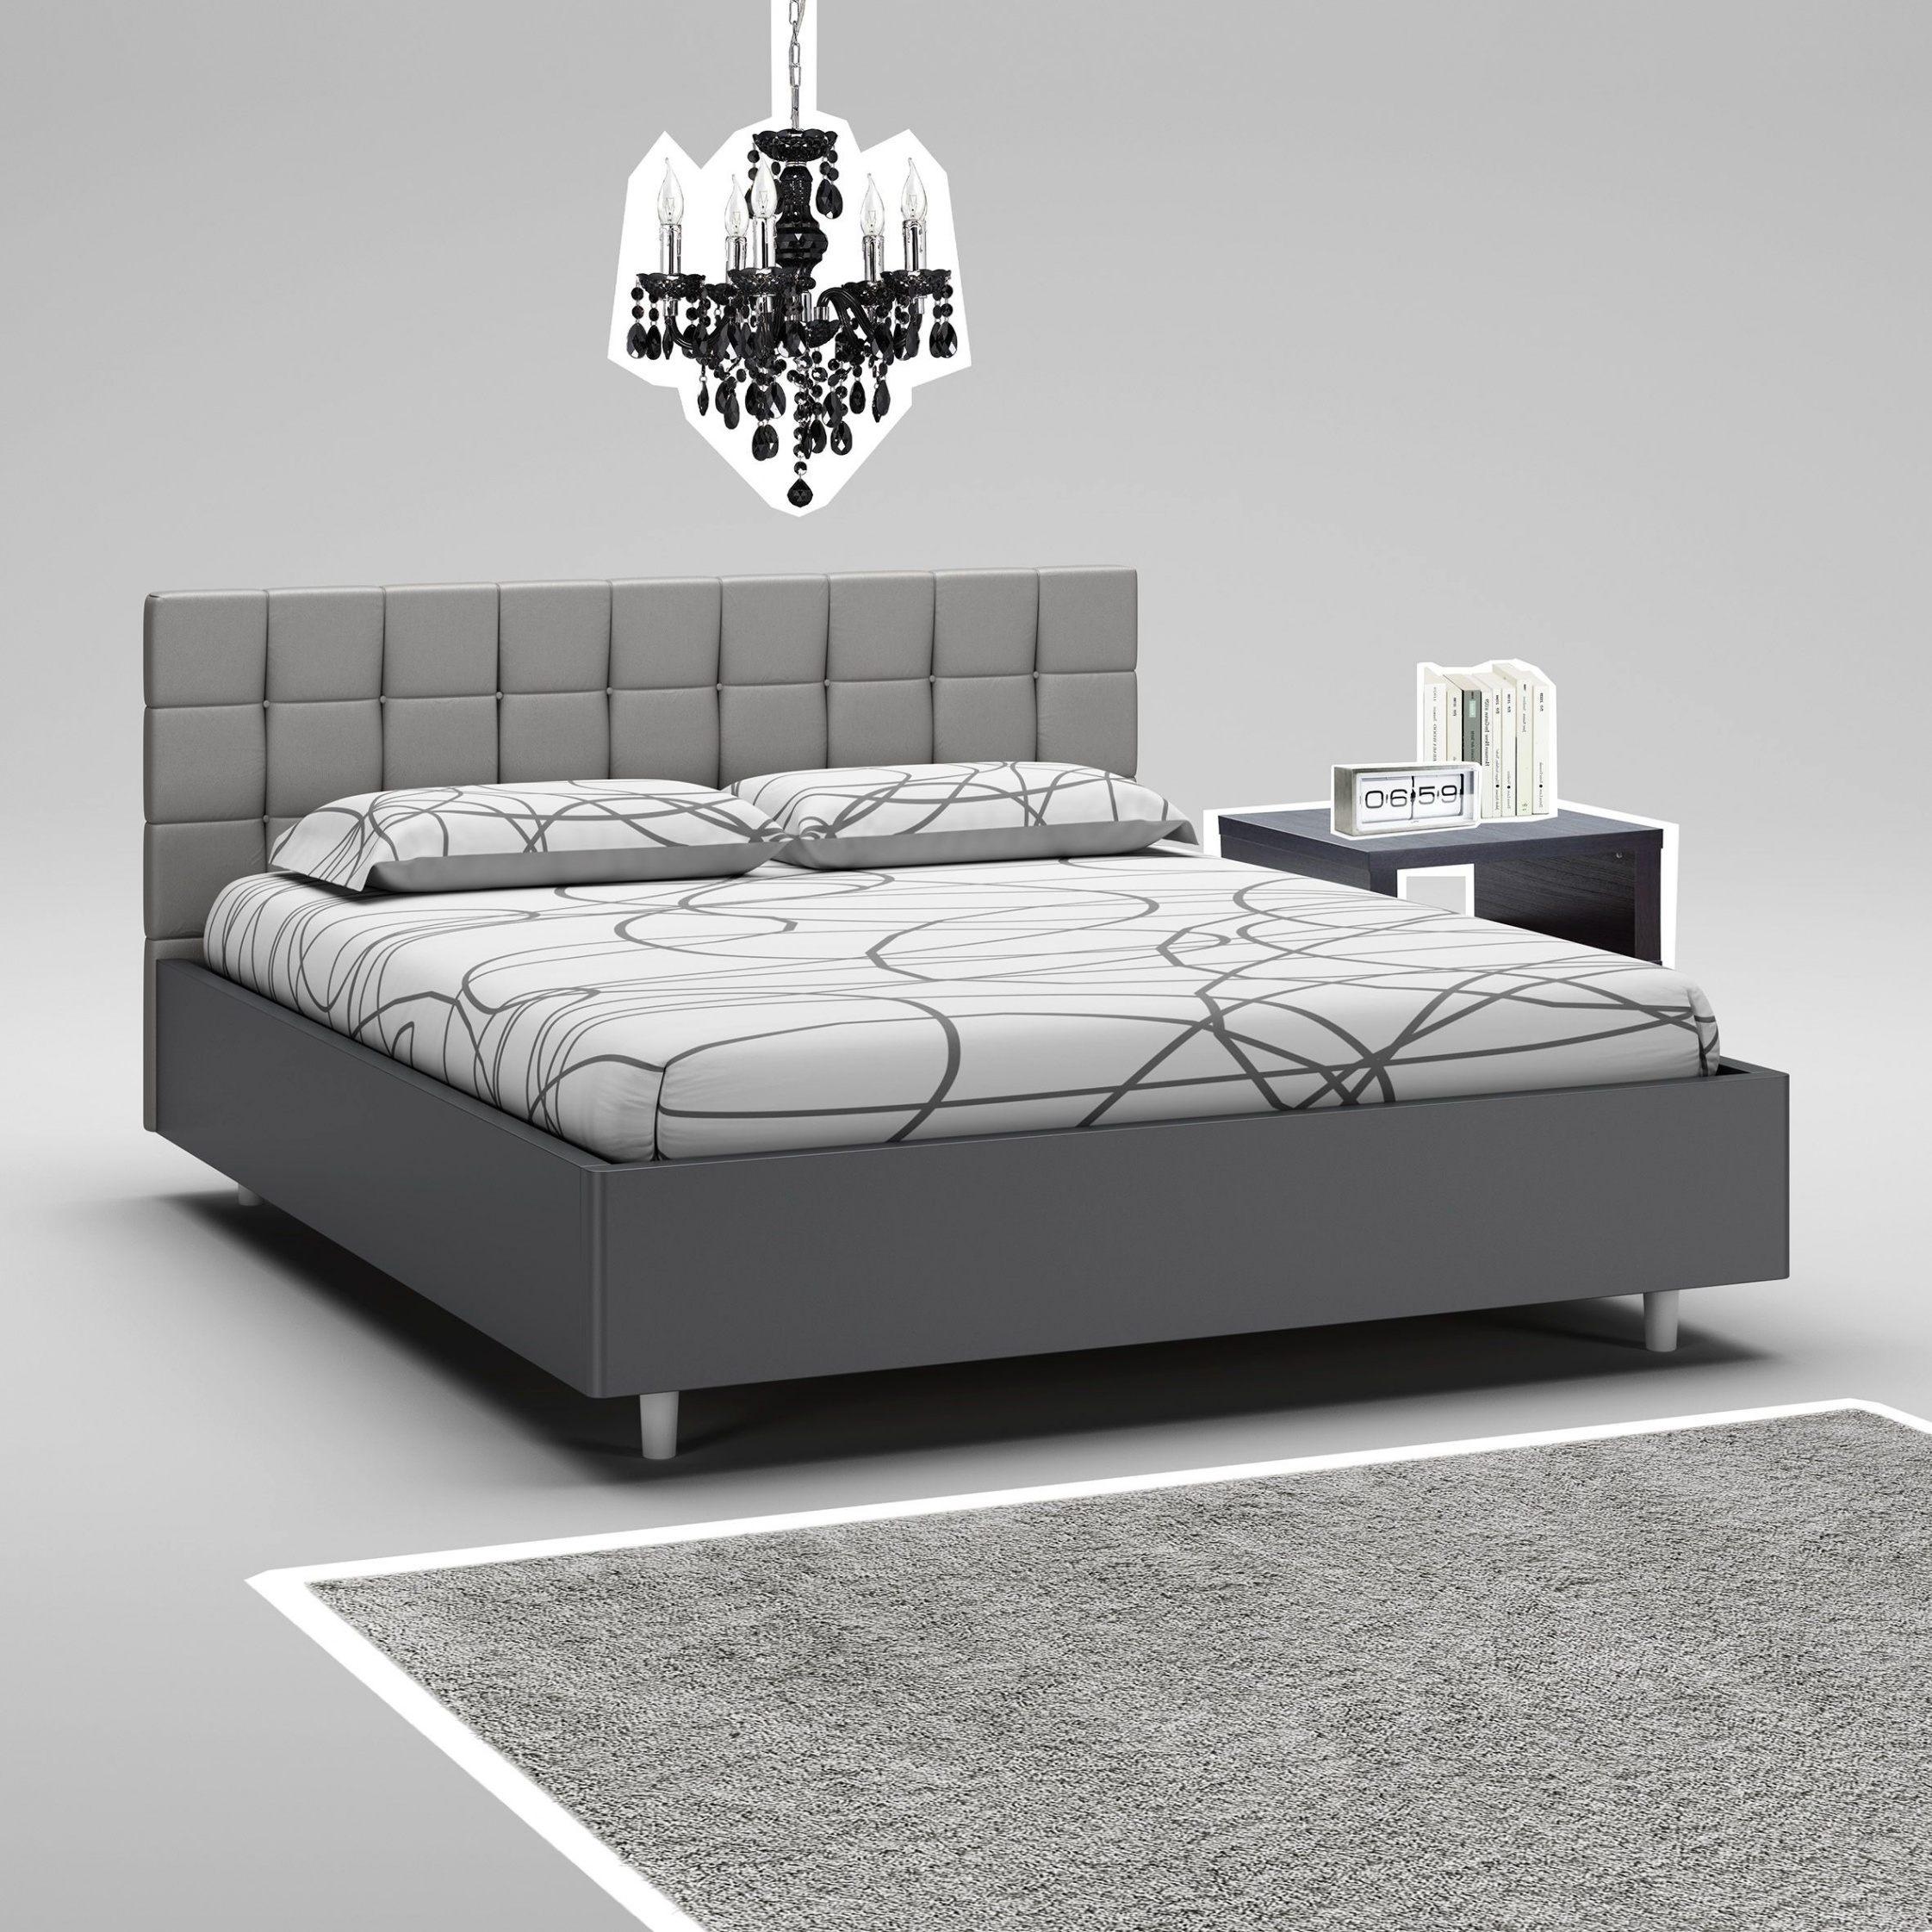 Groupon Tete De Lit Le Luxe Lit Design 160×200 160×200 Finest Lit X Led Lit Led Design Groupon